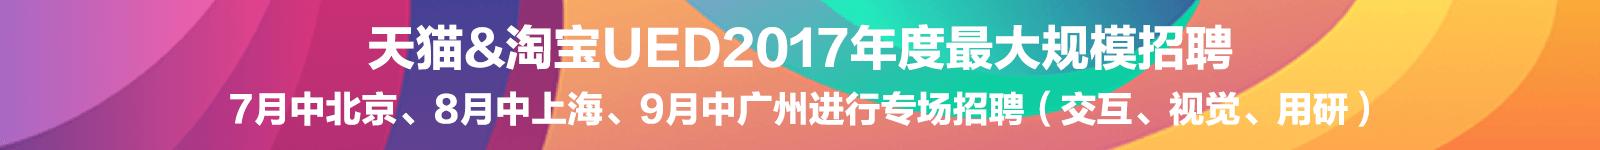 天猫&淘宝UED招聘/